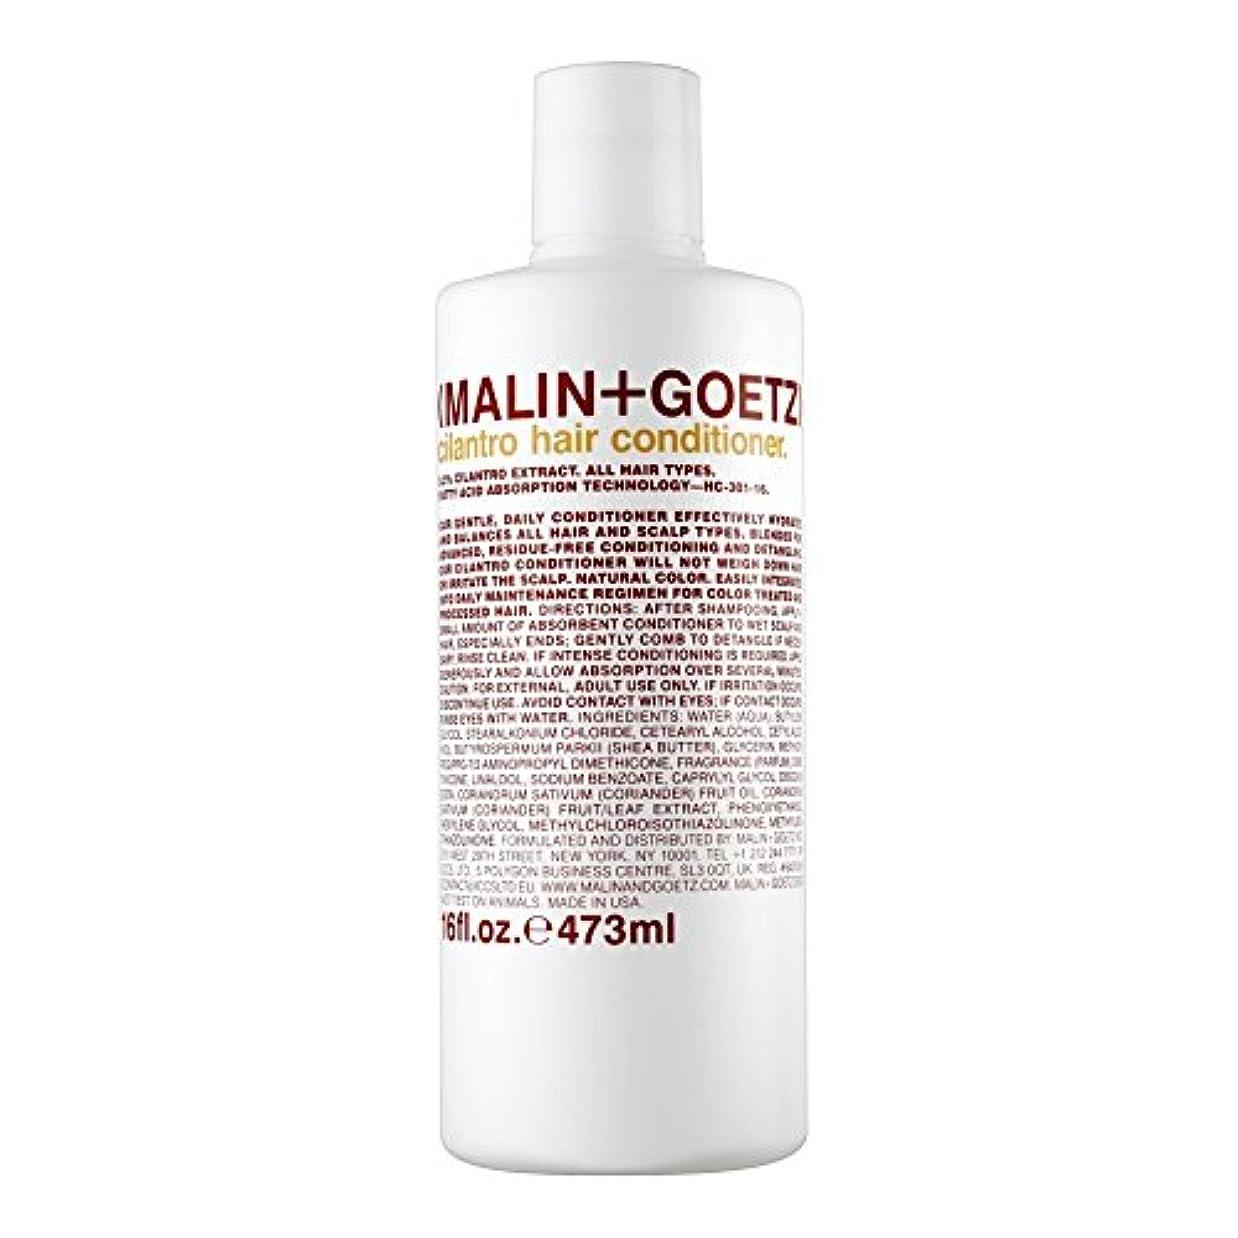 被害者物理学者医療のマリン+ゲッツコリアンダーのヘアコンディショナー473ミリリットル x4 - MALIN+GOETZ Cilantro Hair Conditioner 473ml (Pack of 4) [並行輸入品]